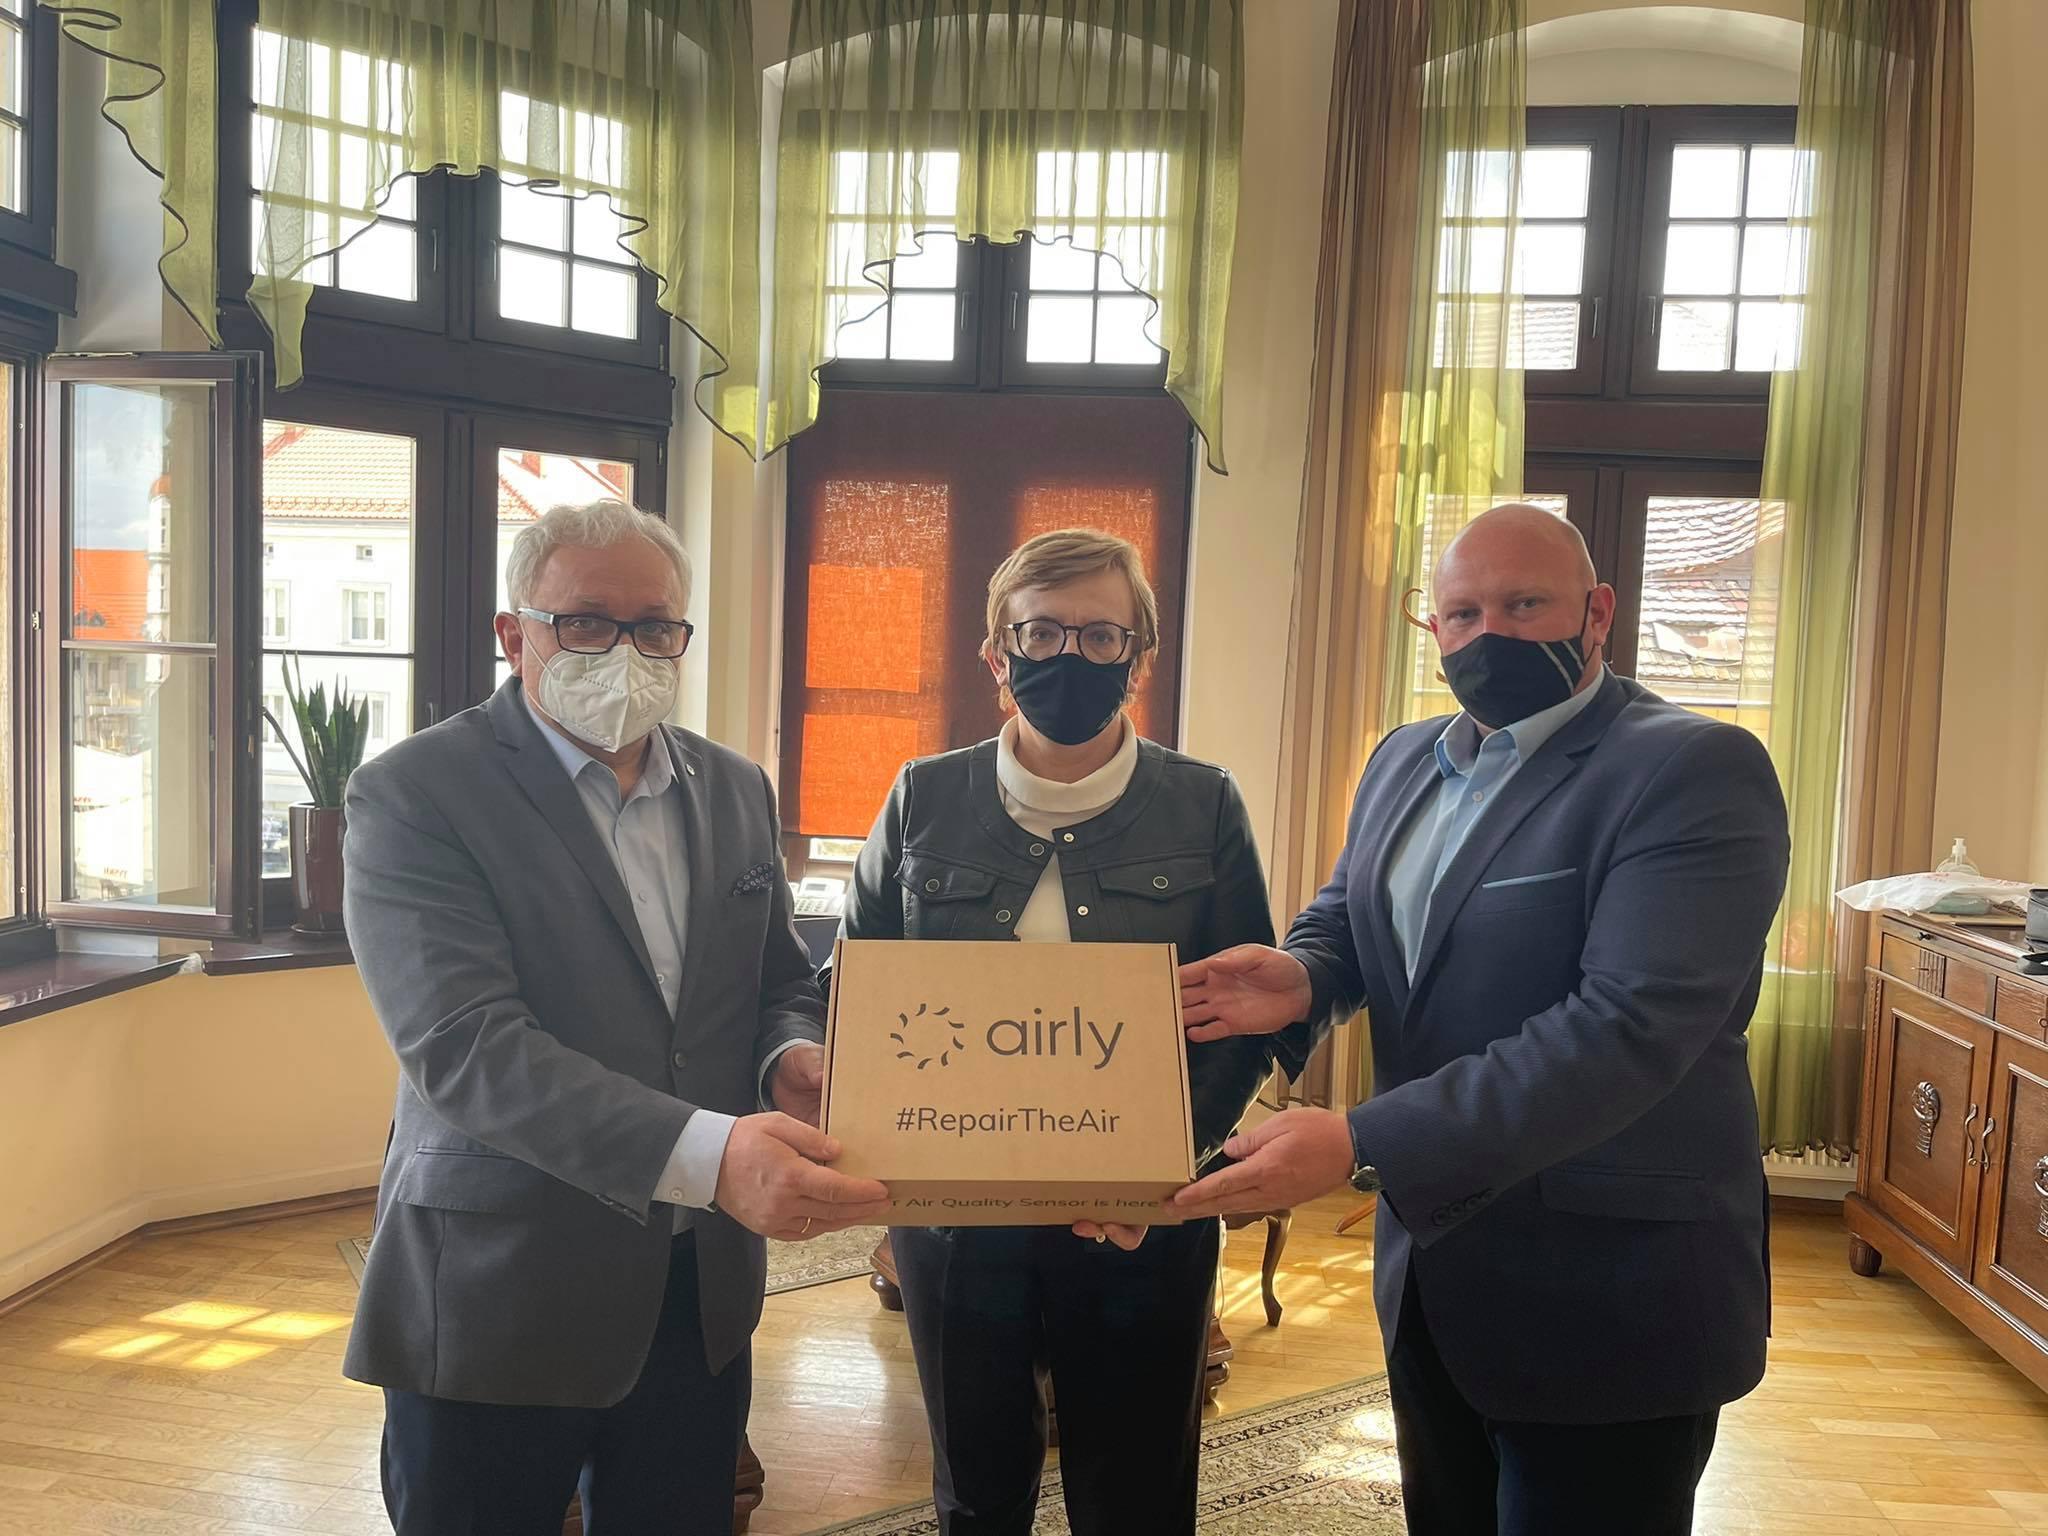 na zdjęciu starosta tarnogorski, burmistrz miasta Tarnowskie Góry i przewodniczący rady miejskiej trzymający w rękach pudełko z czujką airly